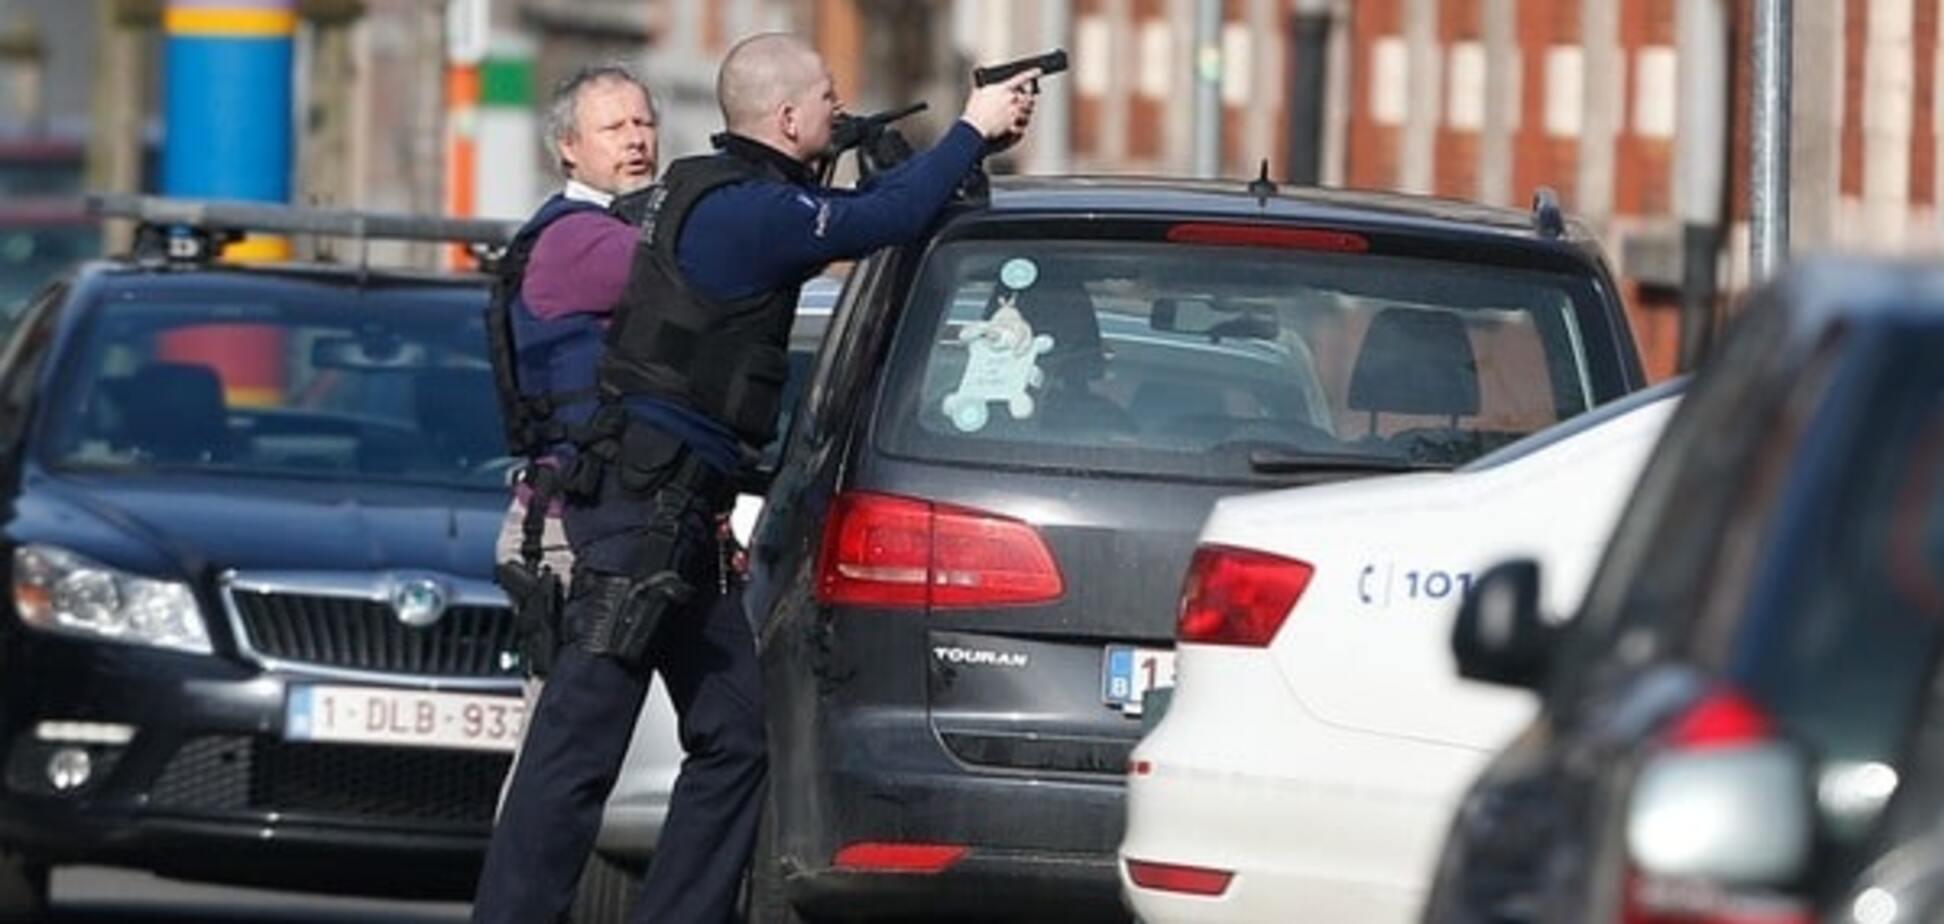 У Брюсселі перед матчем 'Шахтаря' поліція влаштувала стрілянину: один убитий